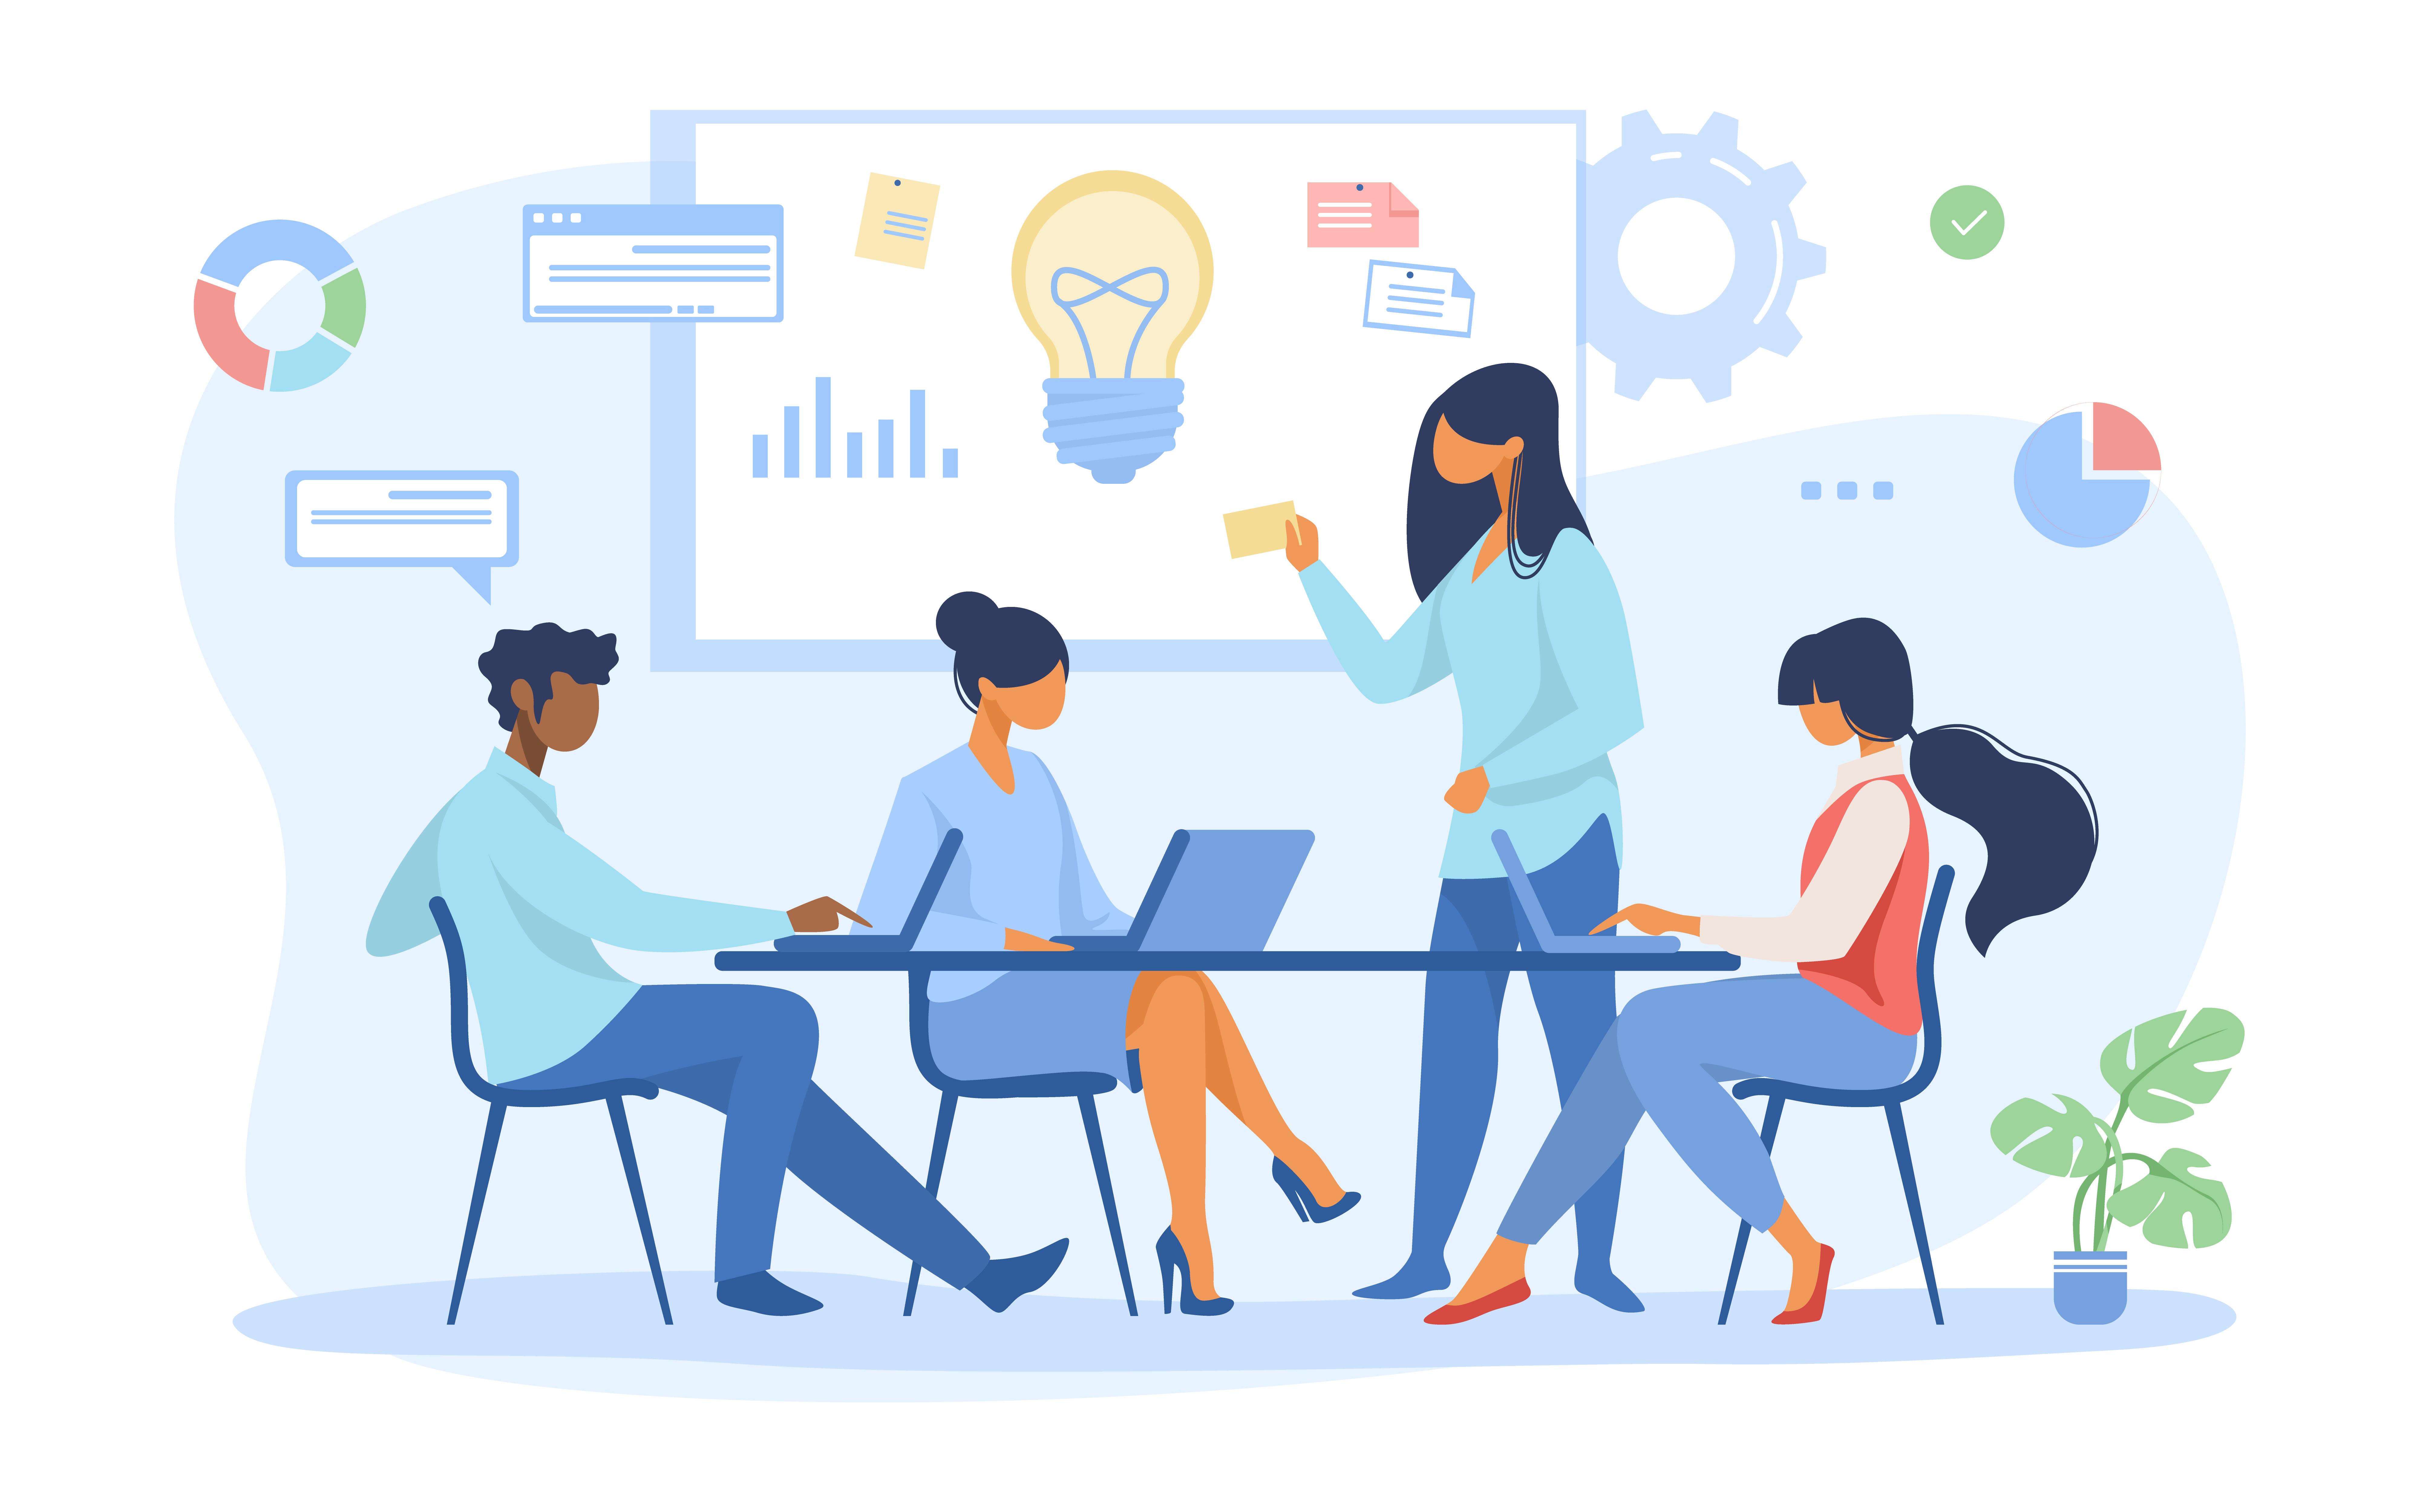 Ilustração de um grupo em sala de reunião, apresentando gráficos.